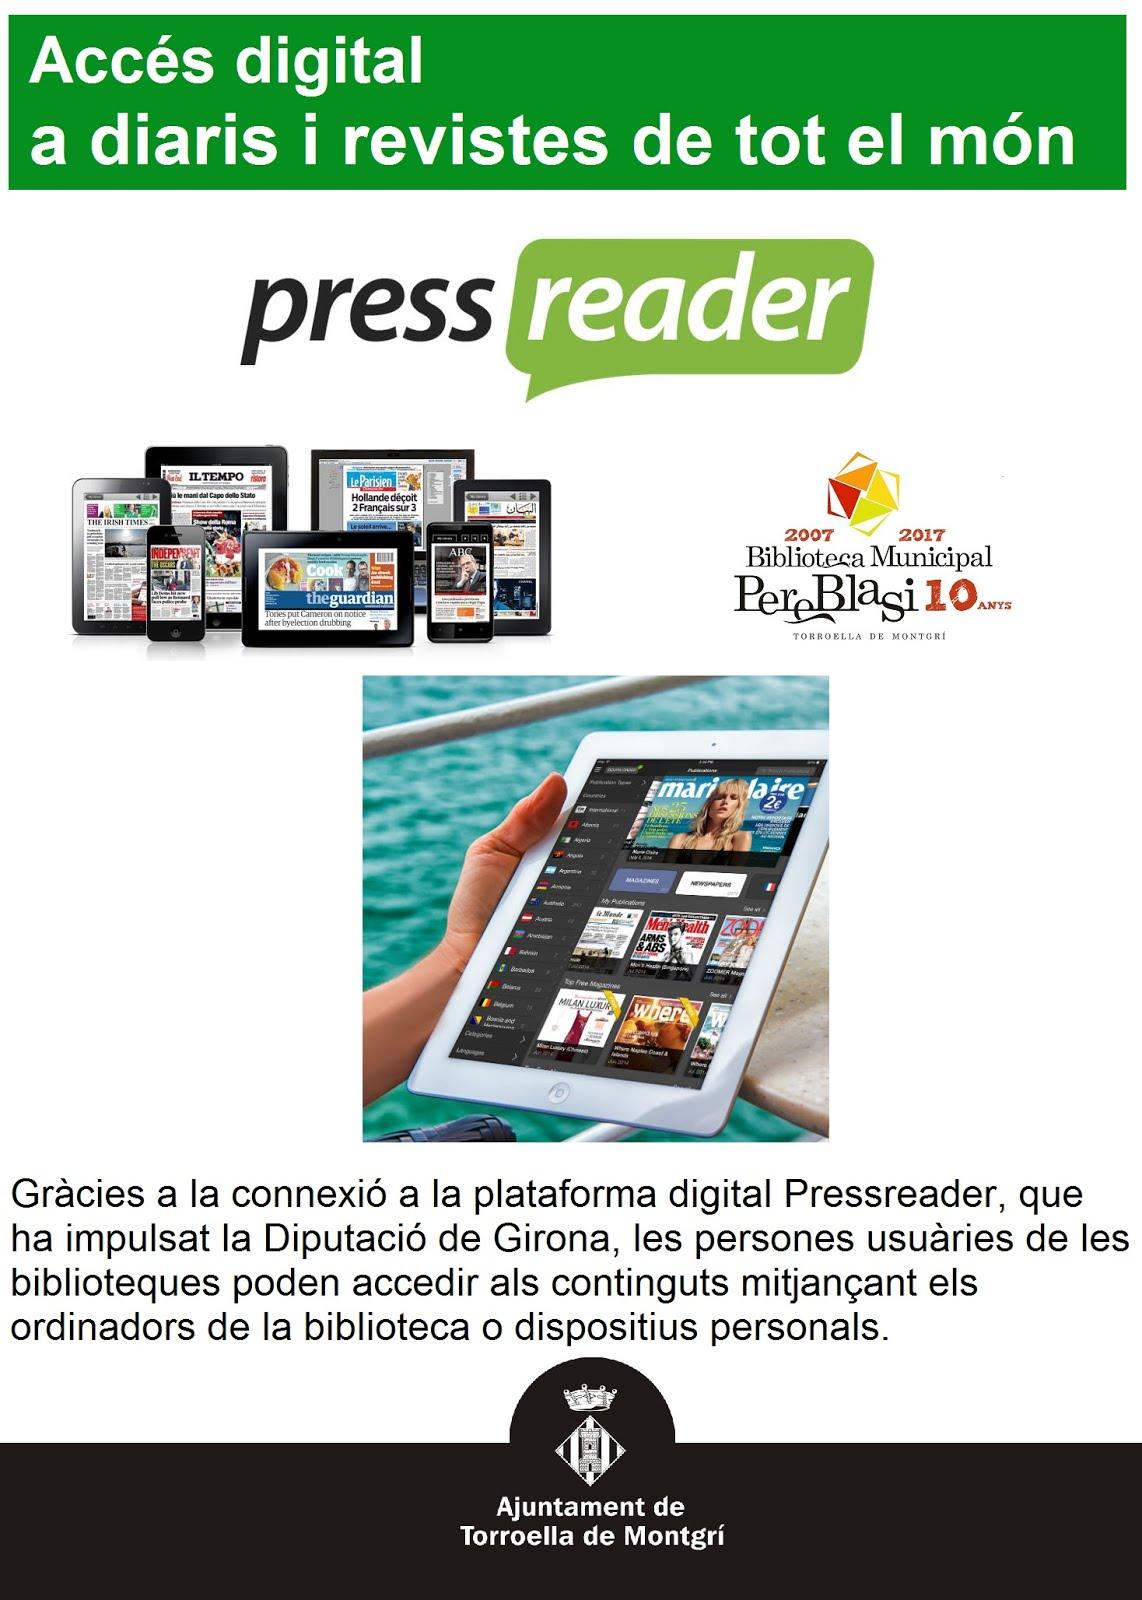 Pressreader accés digital a diaris i revistes de tot el món